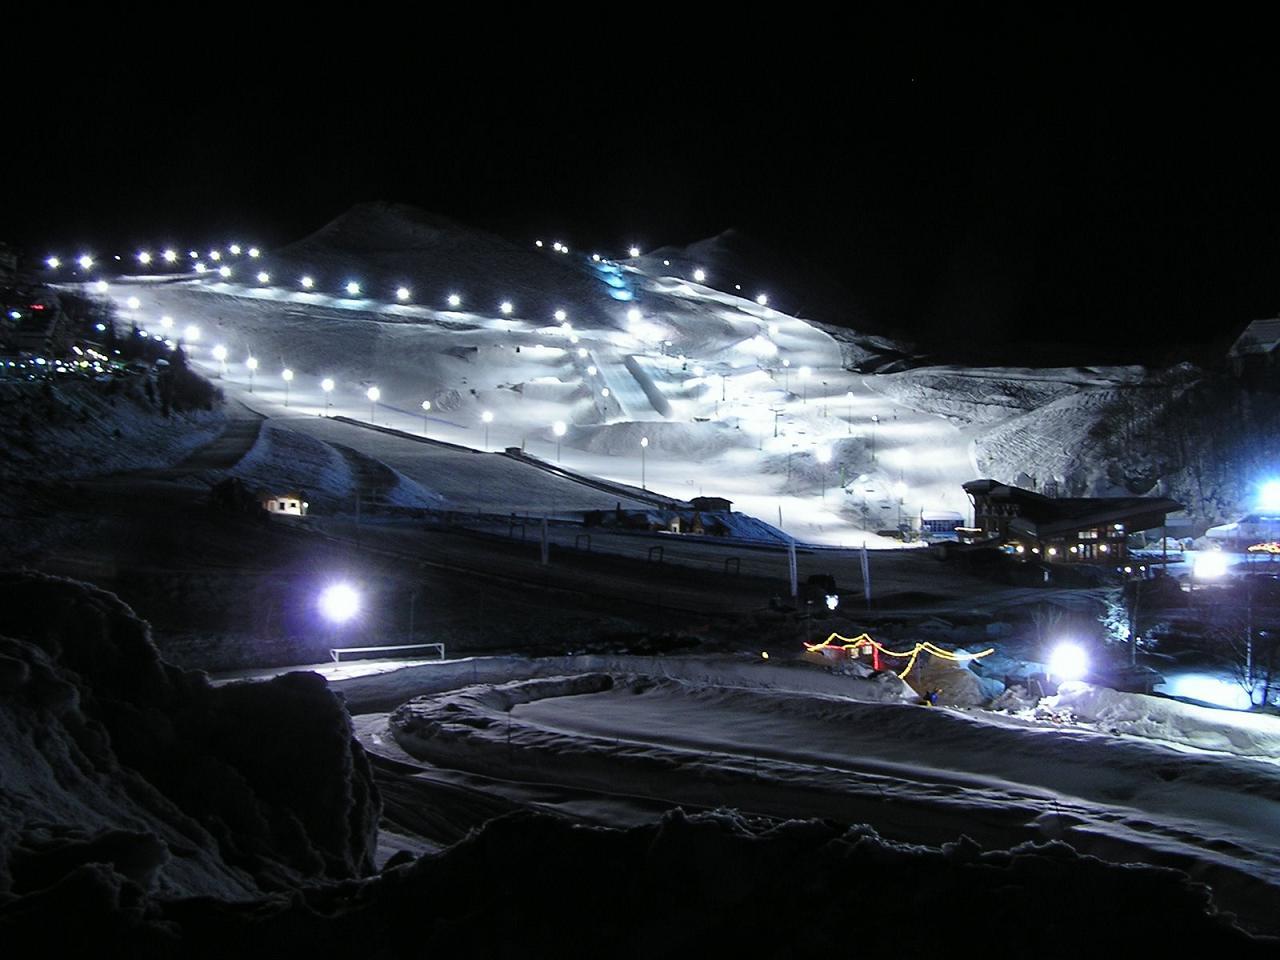 Festeggiare il Carnevale sciando a Prato Nevoso